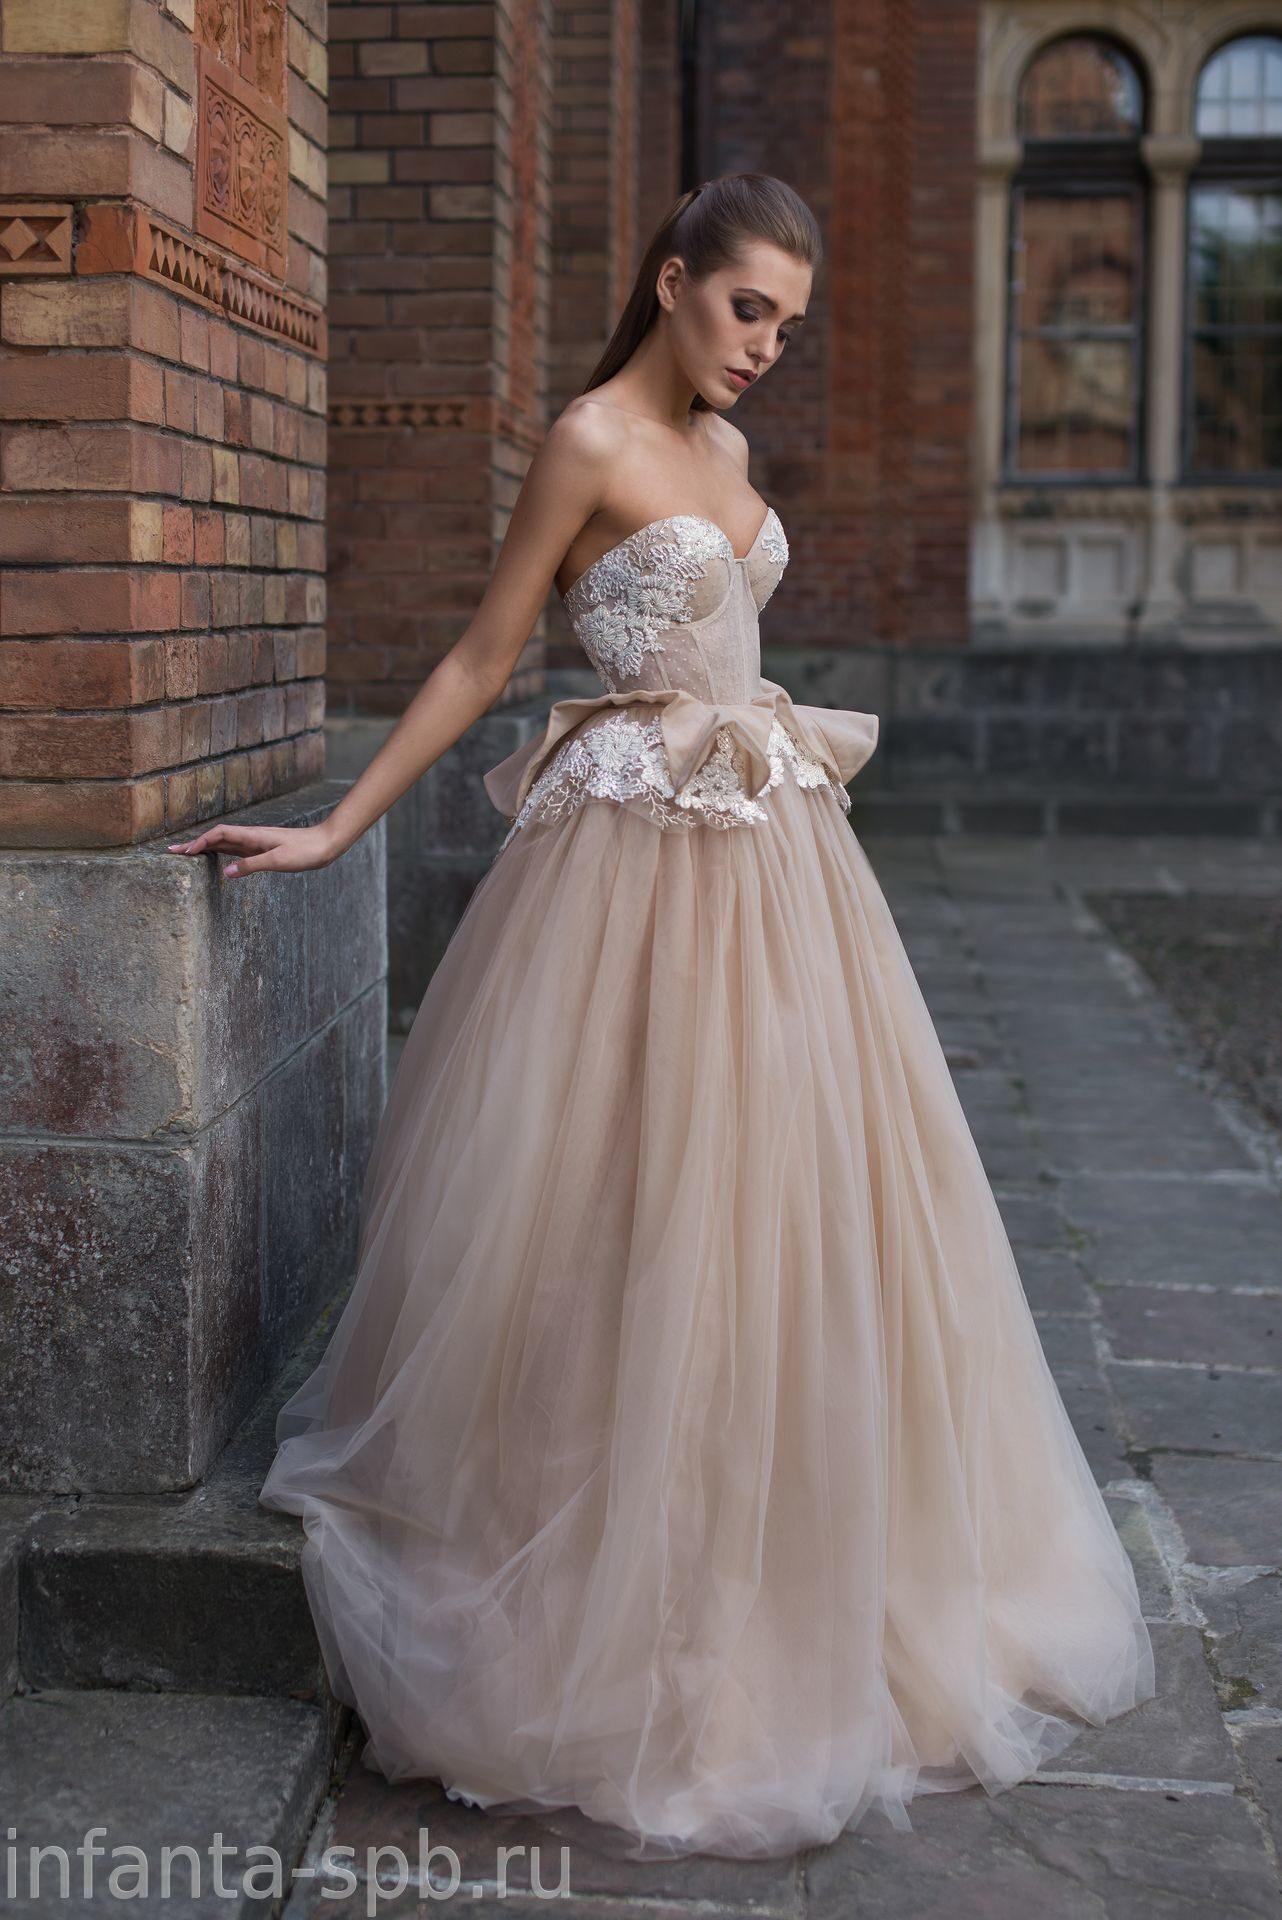 913a07d9e74c085 Трендовое свадебное платье цвета капучино с баской